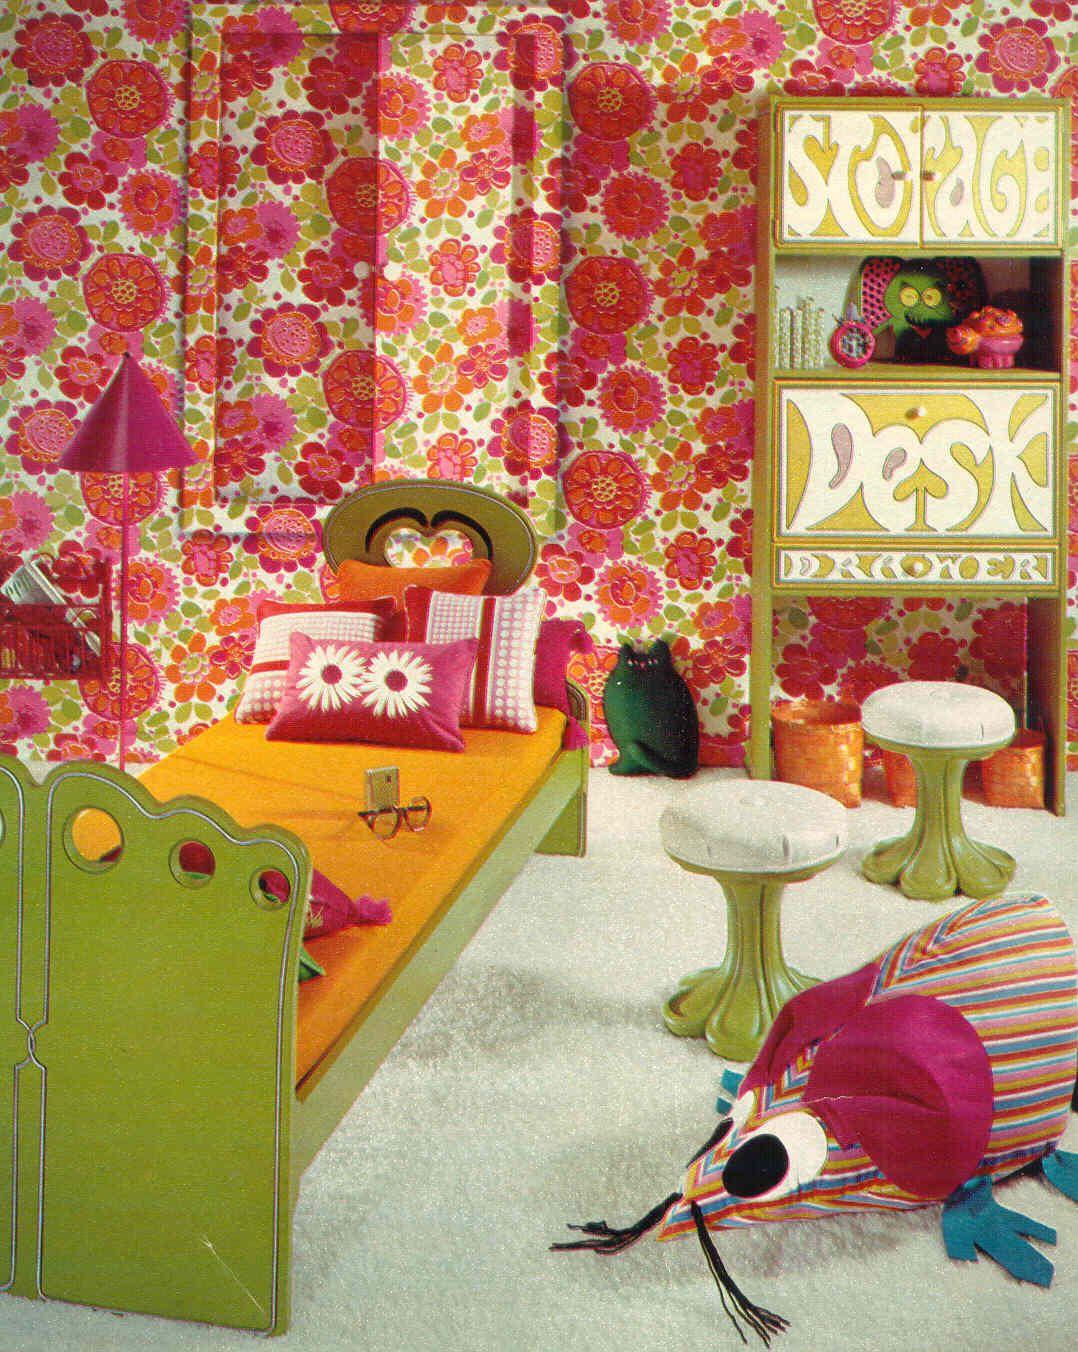 Seventeen Bedroom The Drexel Plus One Bedroom From Seventeen Magazine 1970 Google